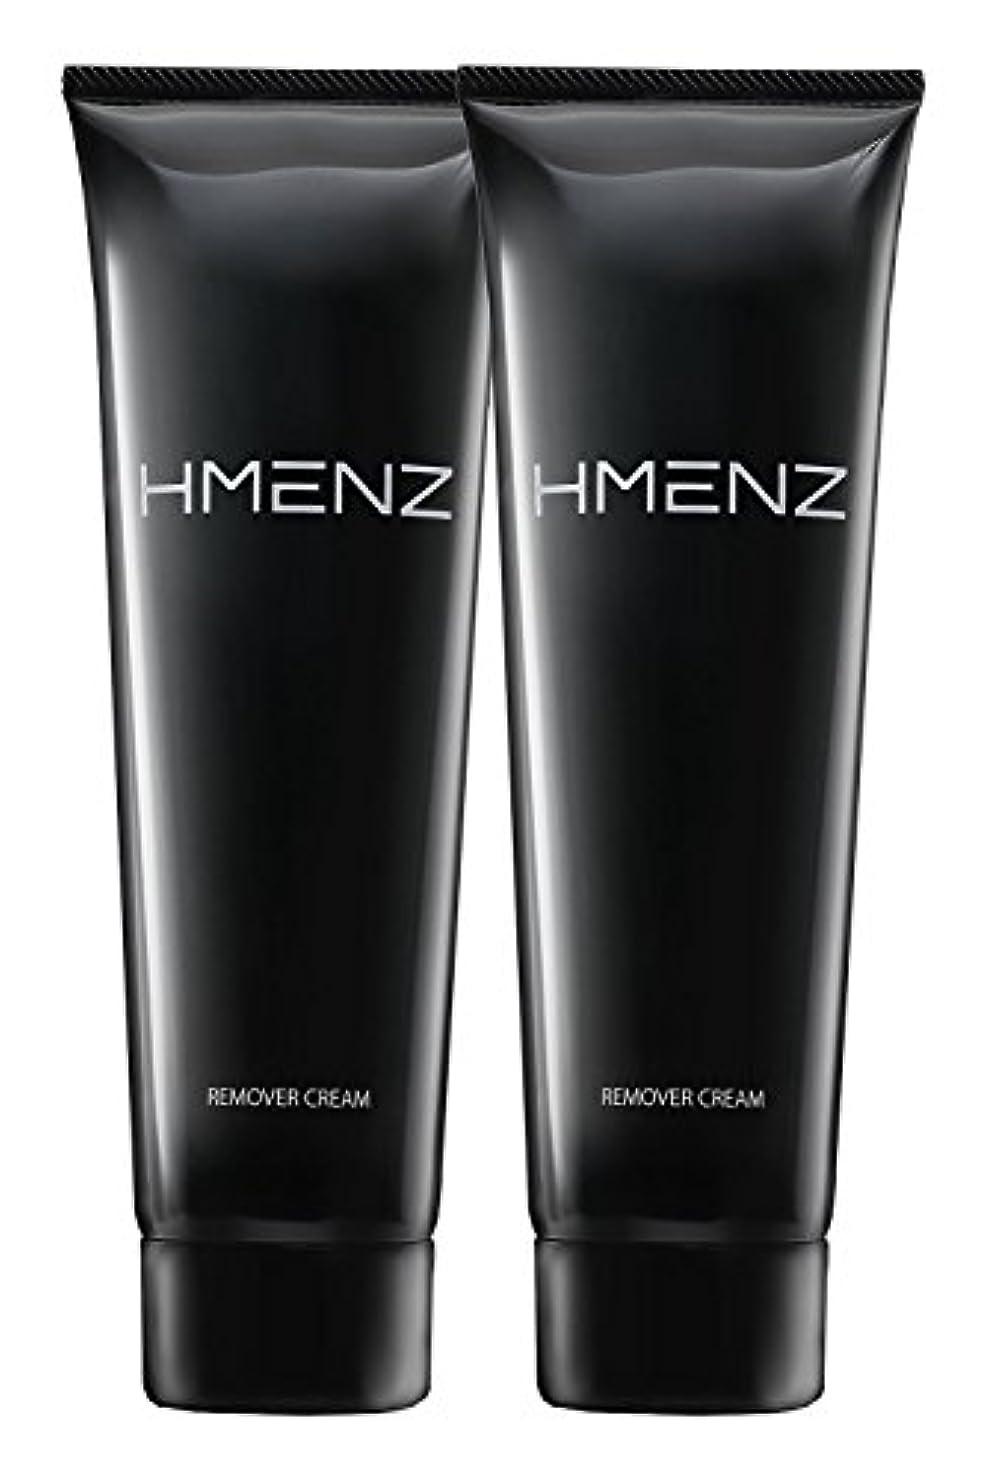 に同意する滑り台旅行医薬部外品 HMENZ メンズ 除毛クリーム 2個セット 陰部 使用可能 210g ×2